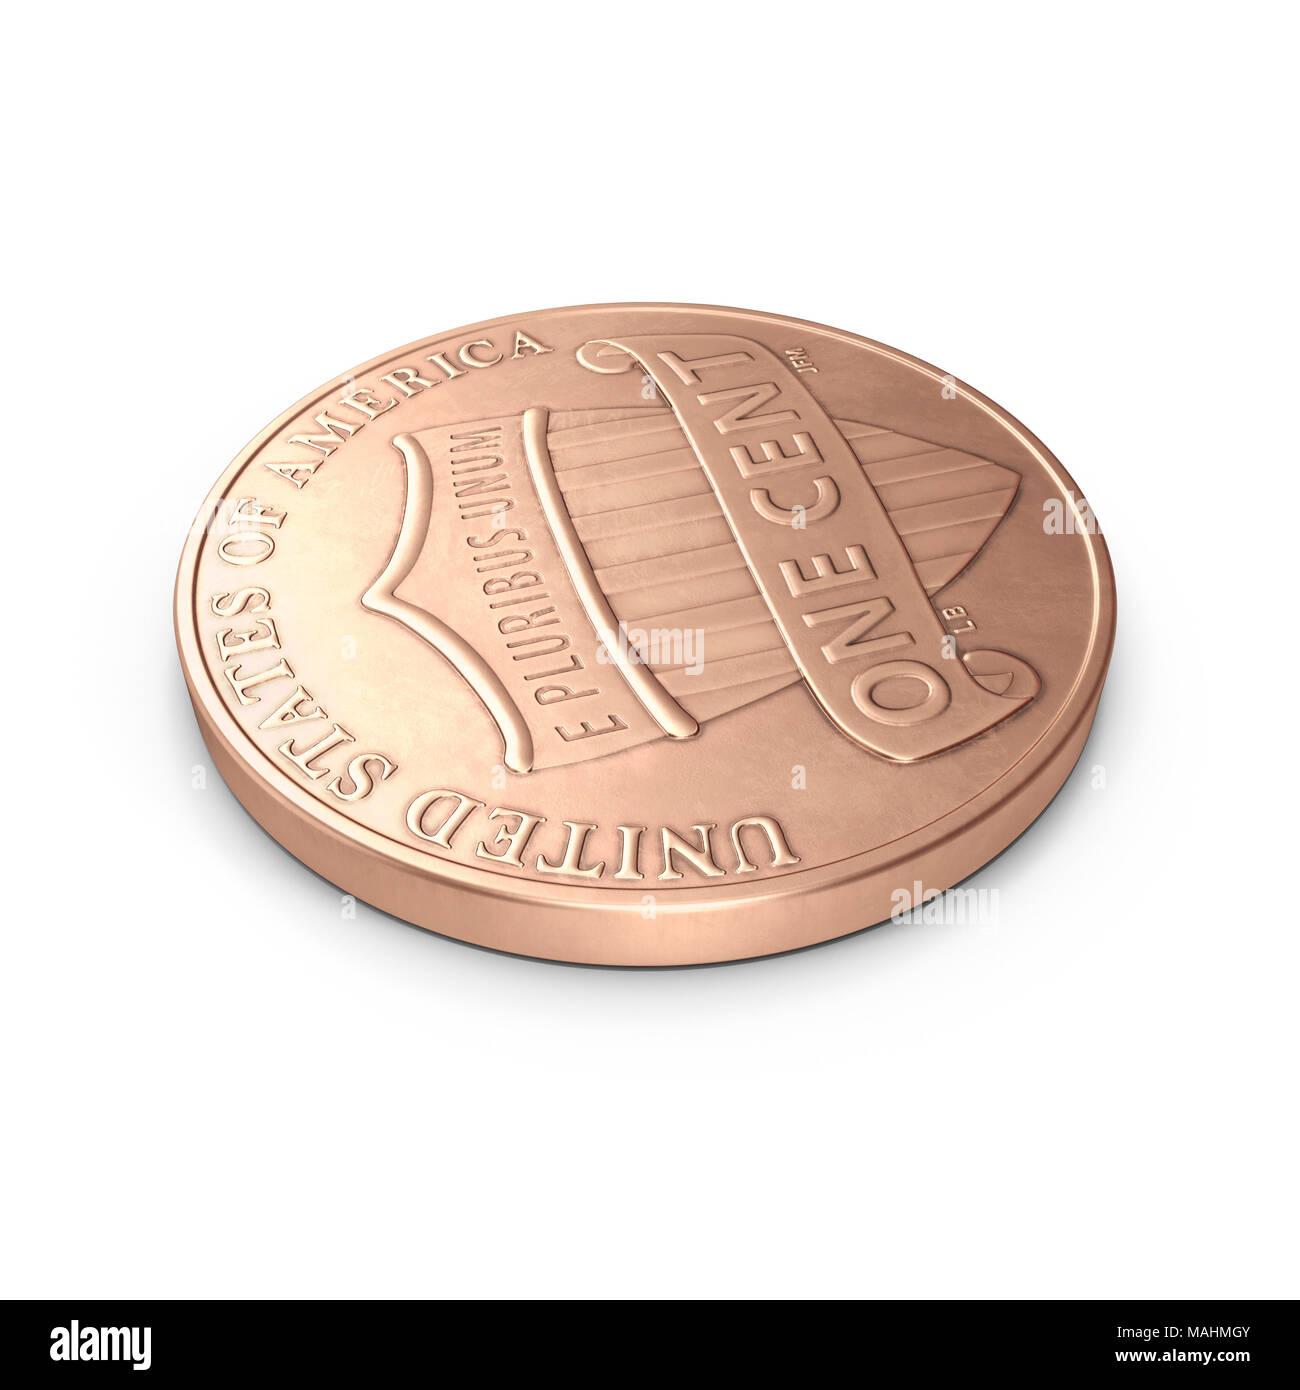 Un cent coin isolé sur fond blanc. 3D illustration, clipping path Banque D'Images